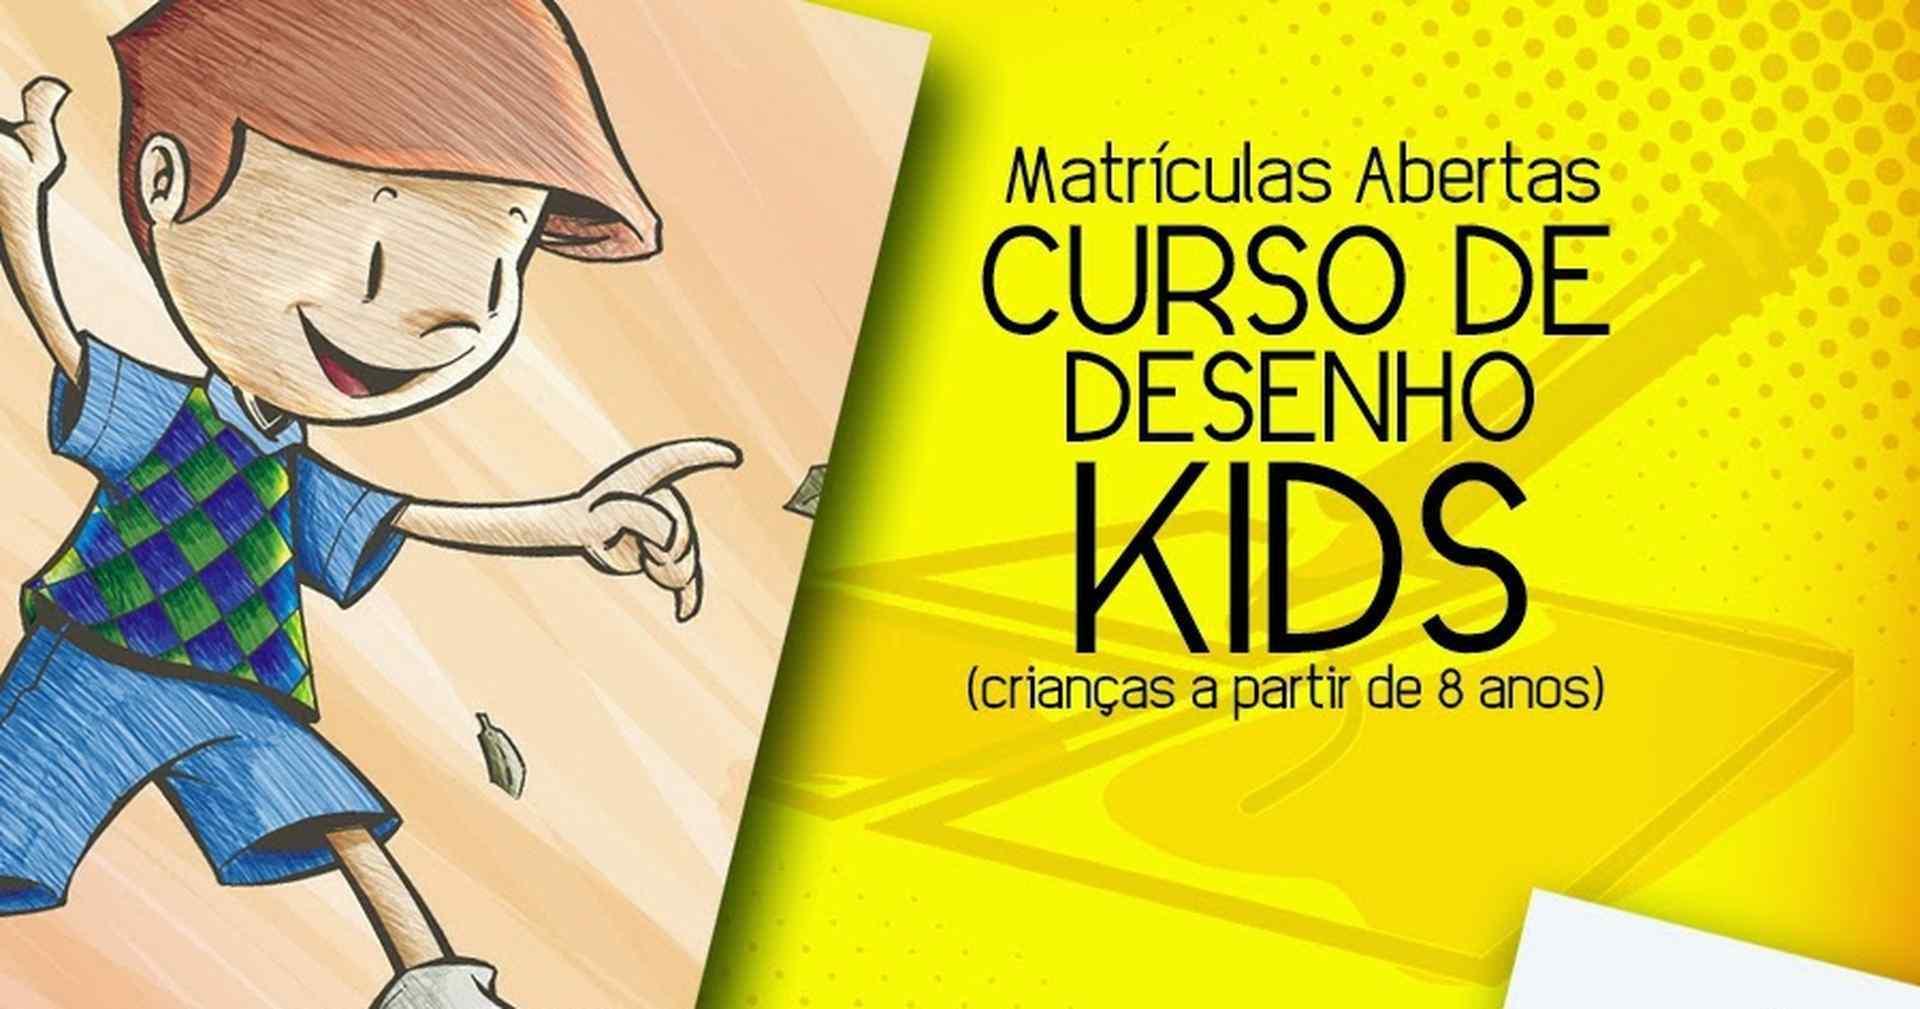 Curso-de-desenho-para-crianças